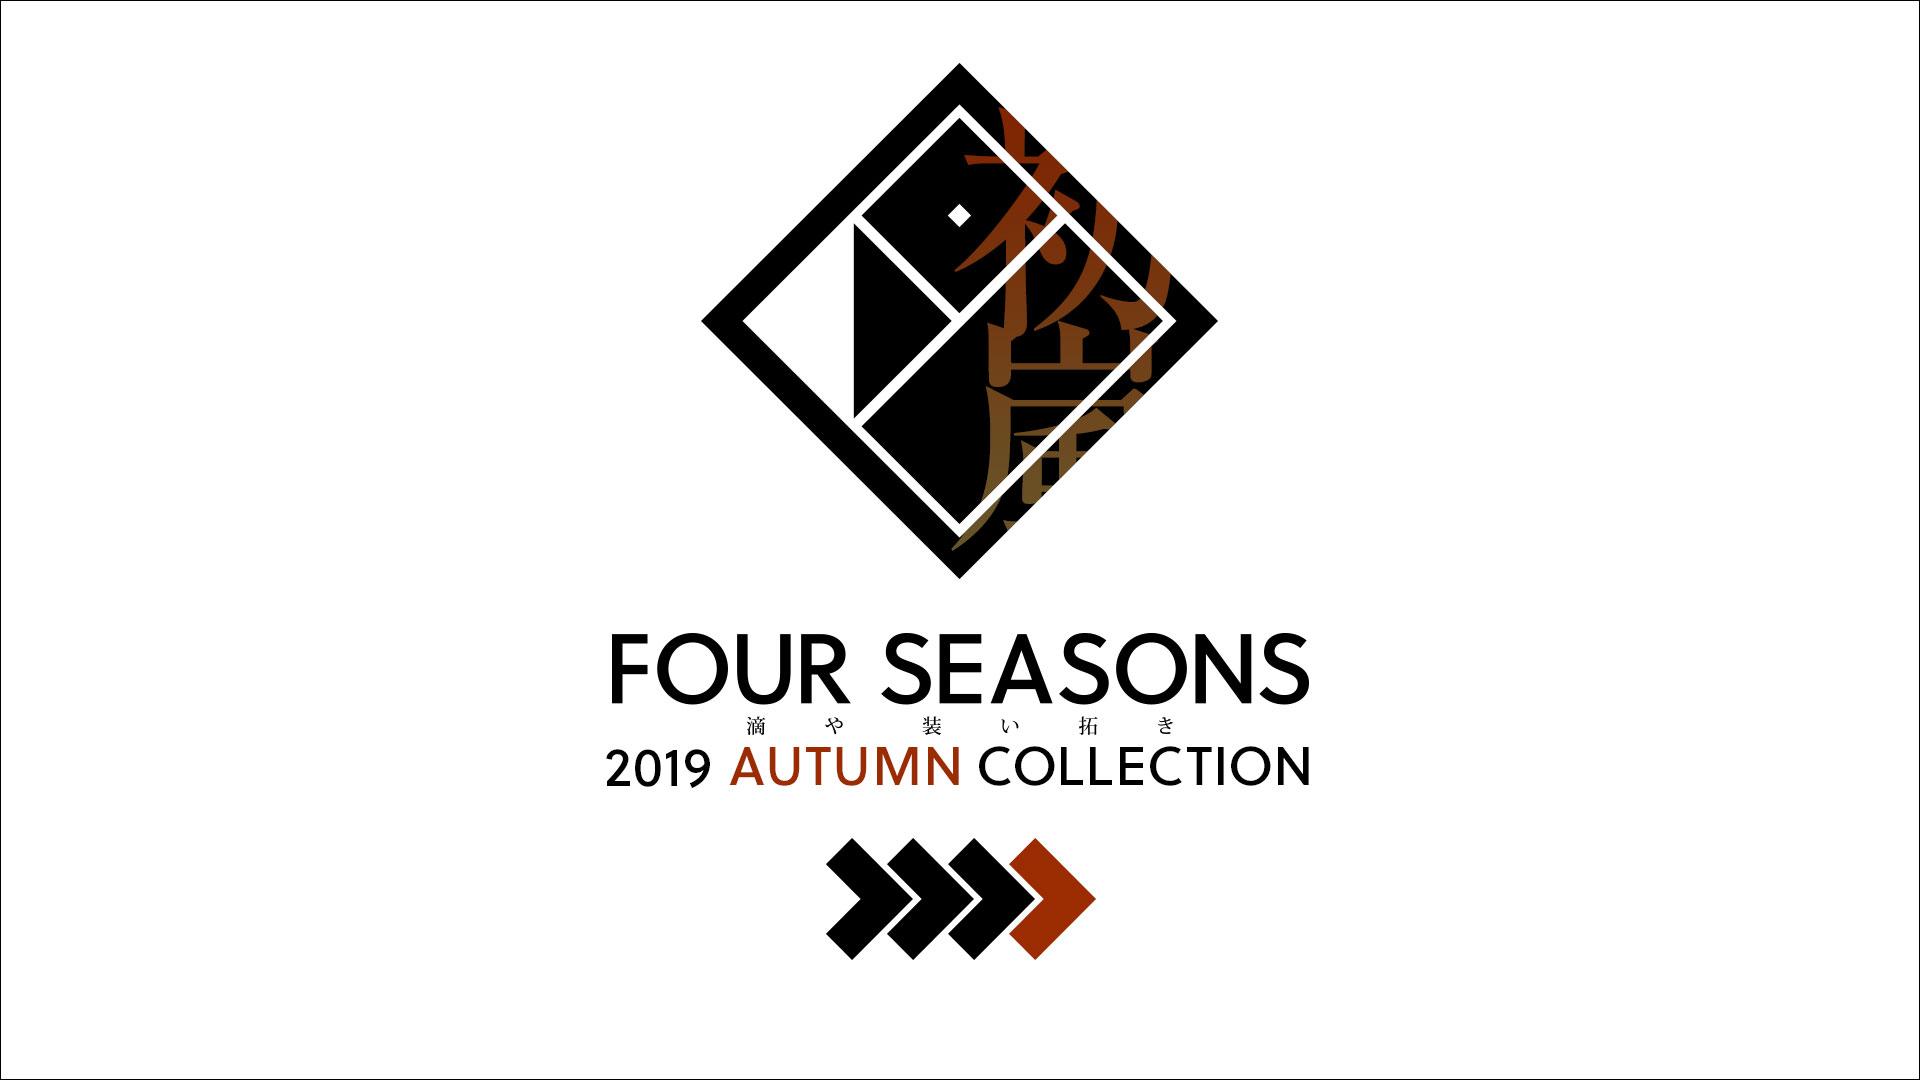 [PHOTO:FOUR SEASONS 2019 AUTUMN COLLECTION]